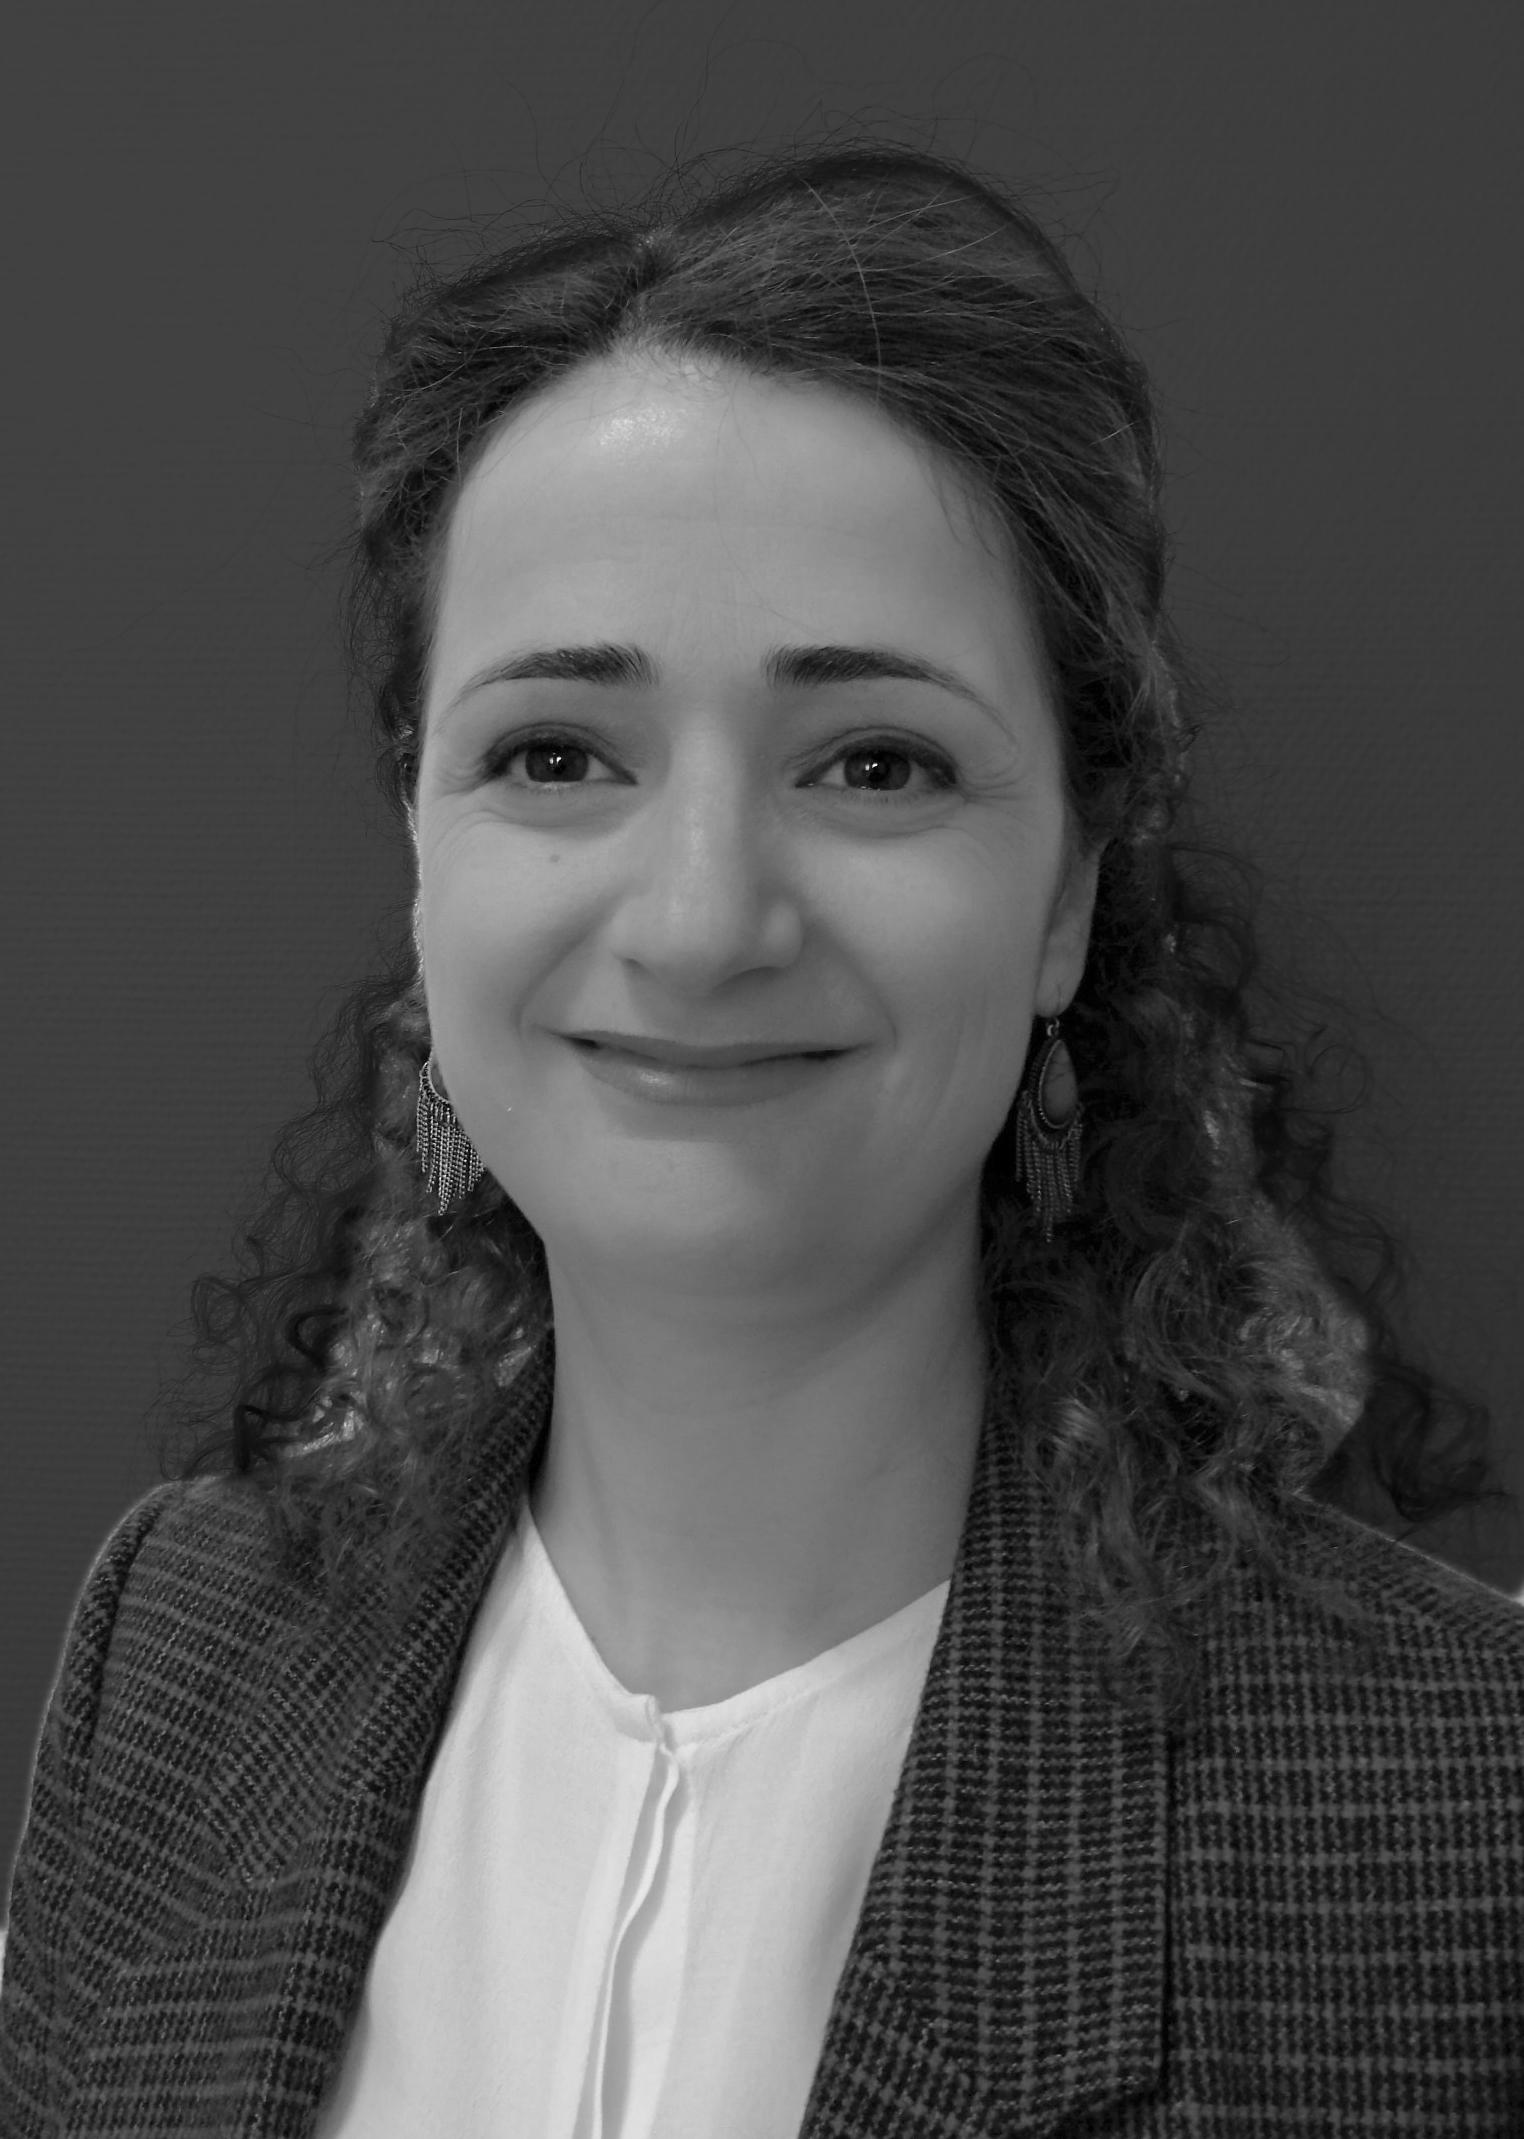 RASHA ALAGI